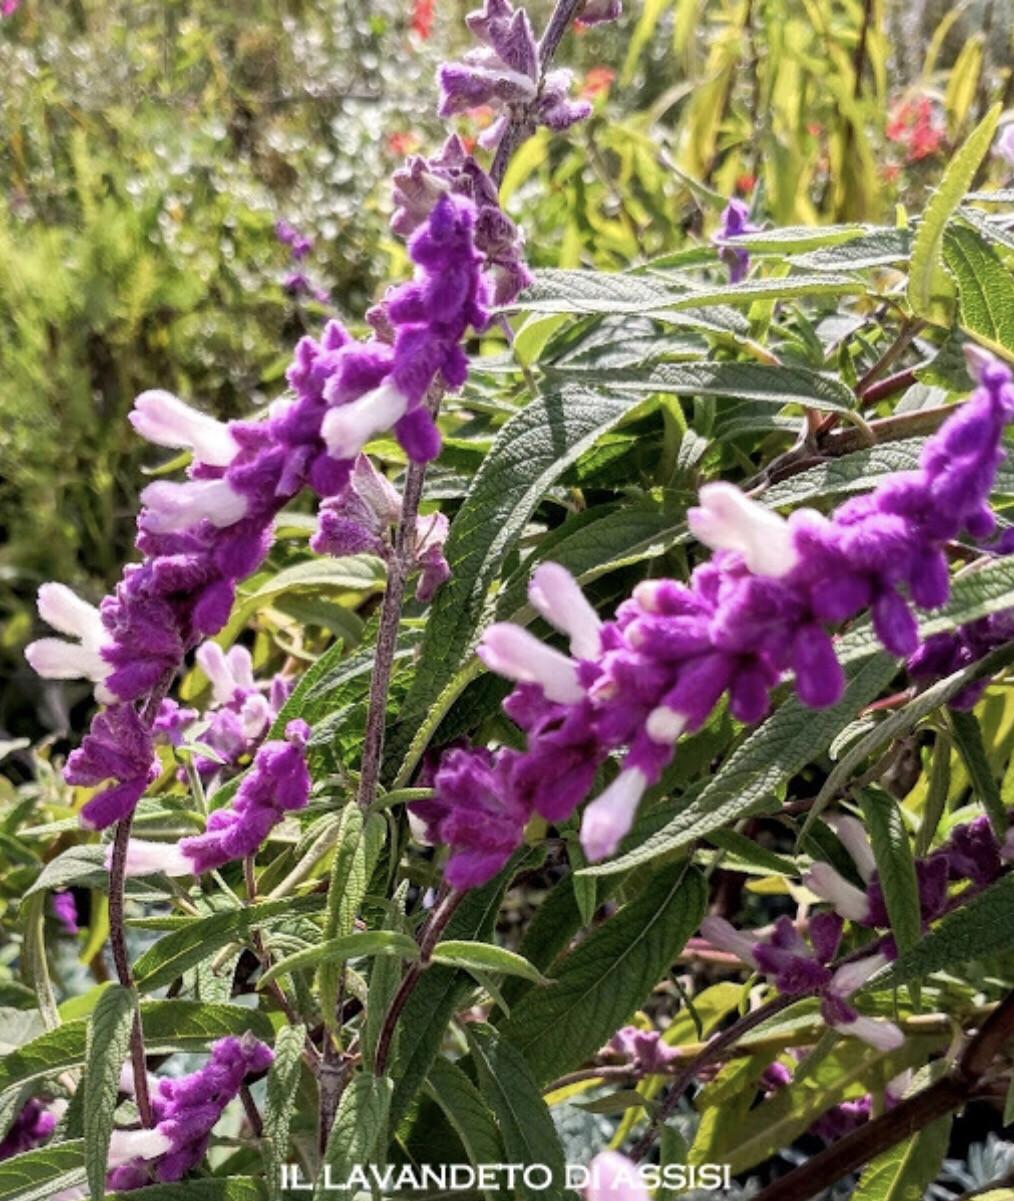 """Salvia """" Leucantha"""" (14 Cm) Ordinare dal sito: https://www.illavandetodiassisi.com/catalogo-vendita-online.html"""